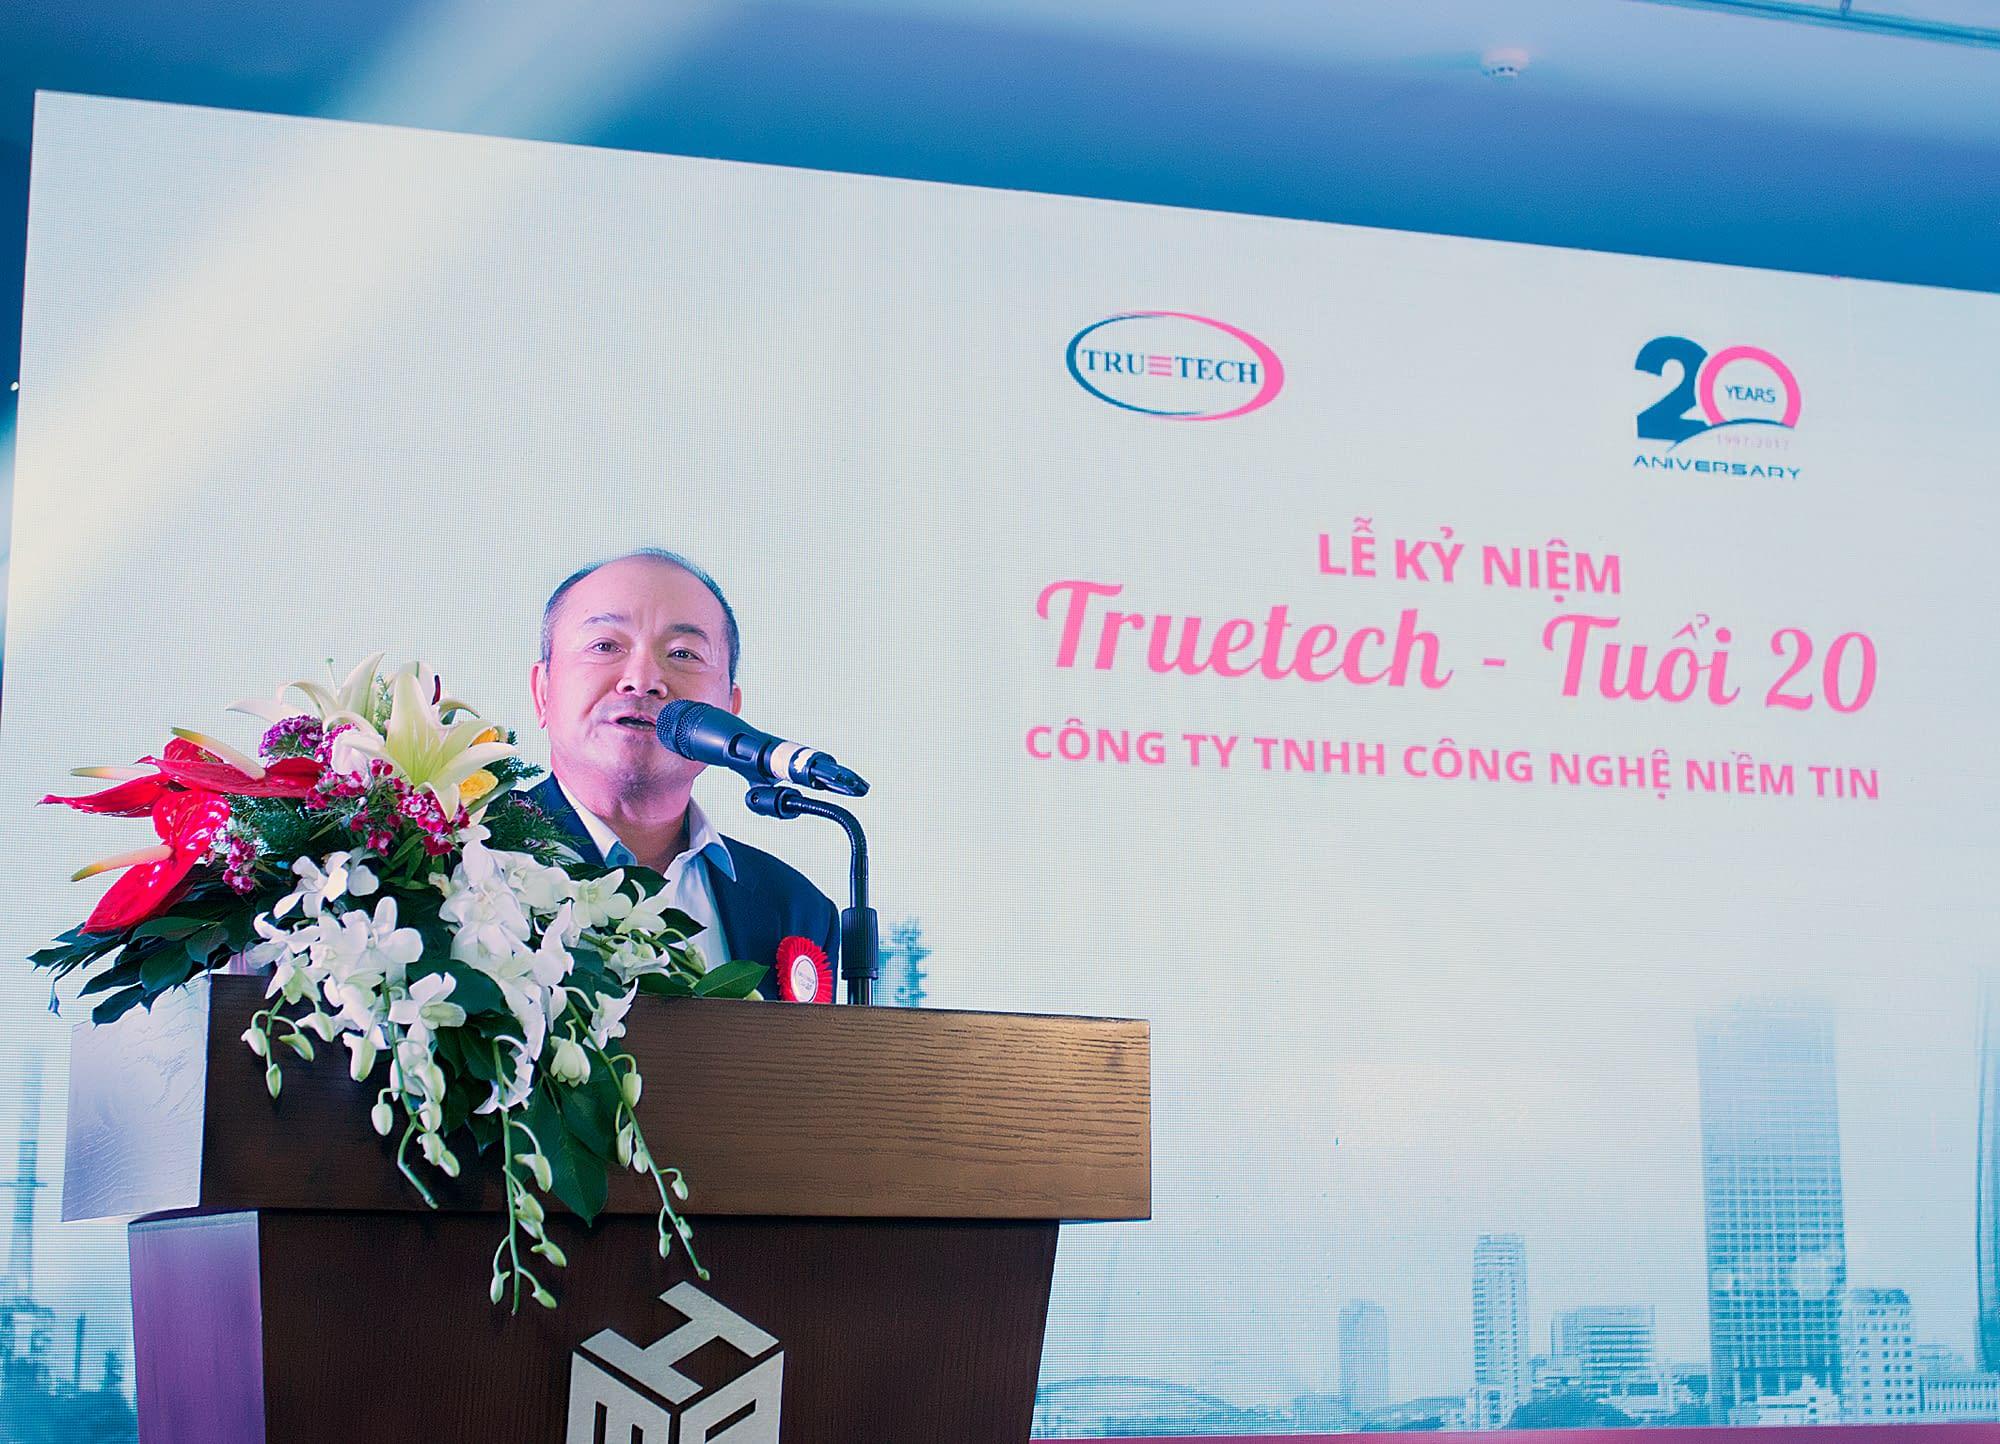 Giám đốc công ty Truetech - Ông. Nguyễn Sỹ Thanh phát biểu